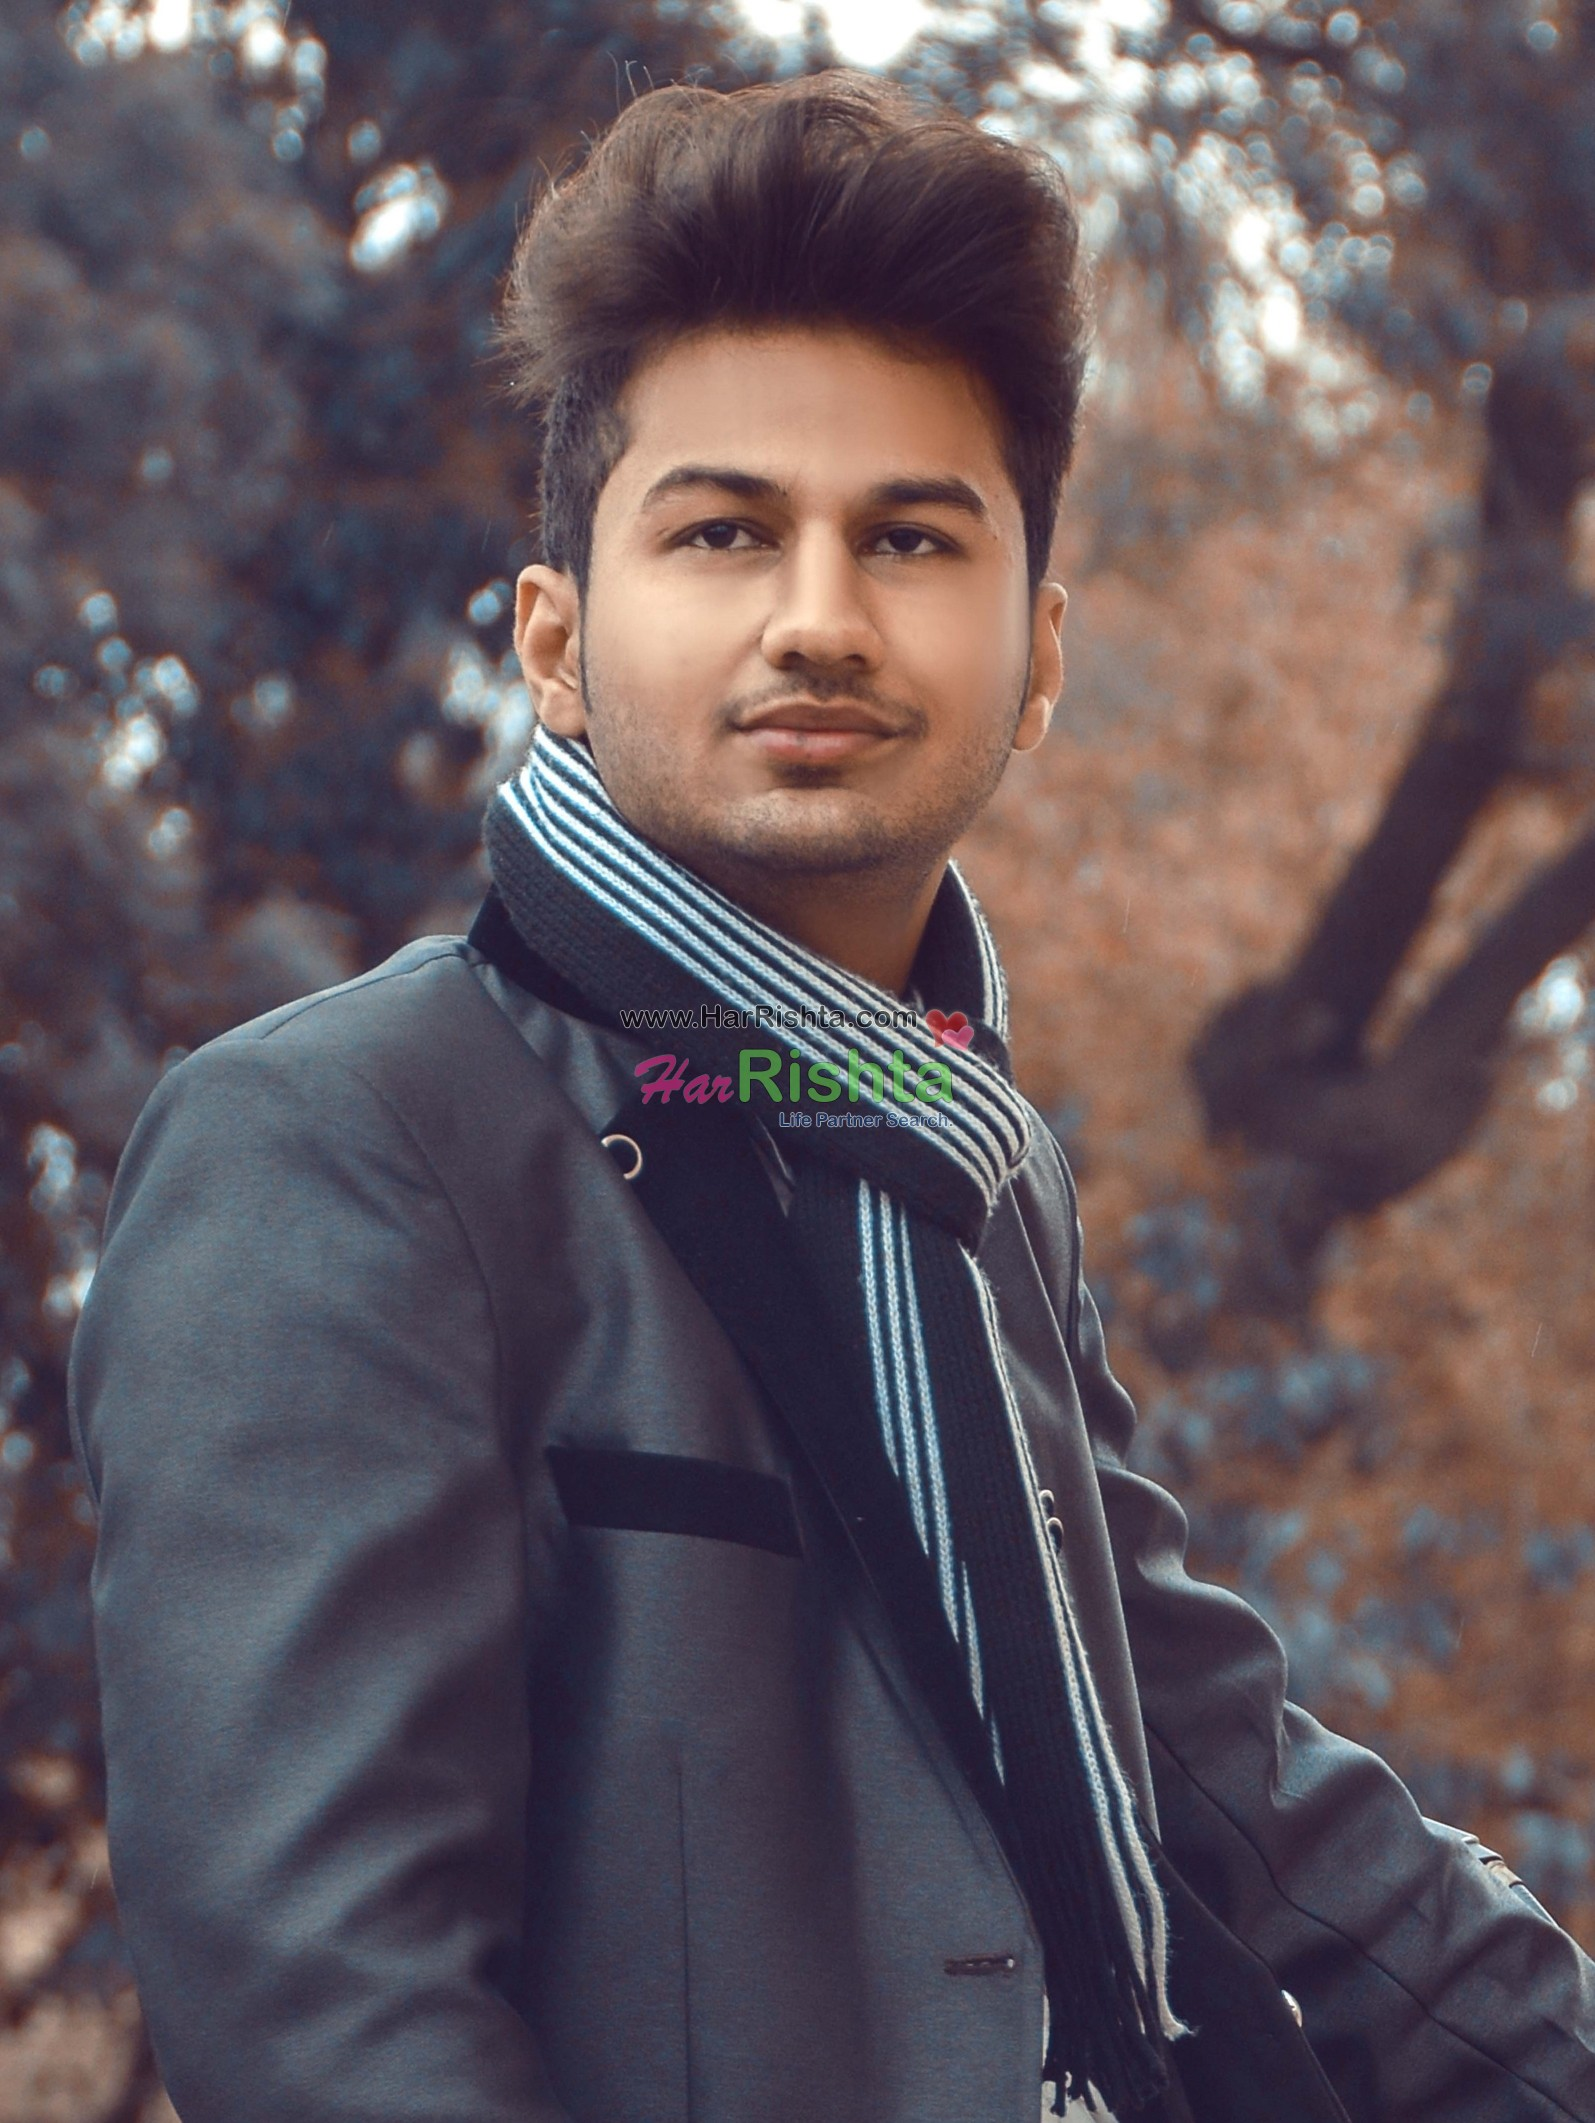 HarRishta-Boy Rishta of NAbeel Saleem